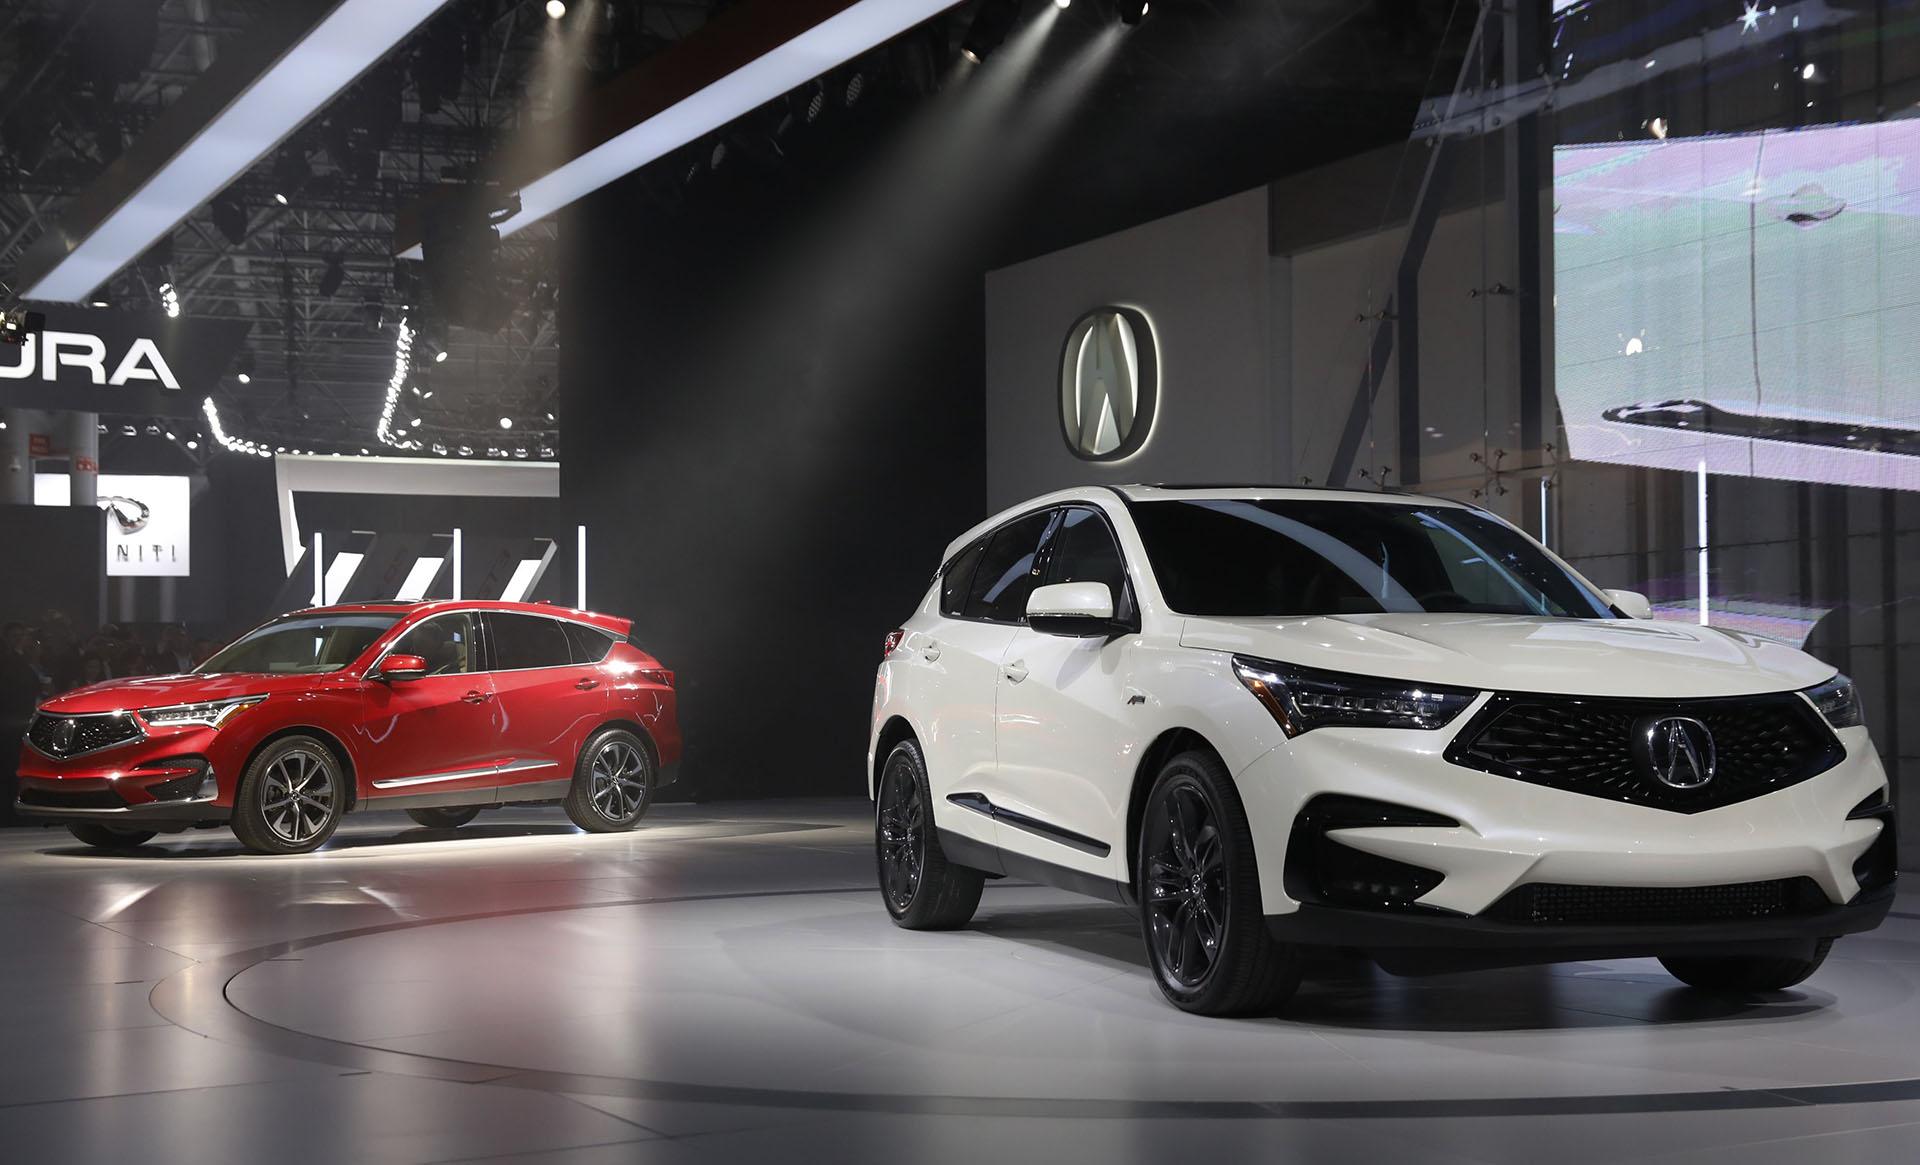 Acura, la división premium de Honda, eligió la metrópolis estadounidense para develar la versión definitiva del Acura RDX, un SUV compacto con nombre propio en el segmento de los SUV. La marca japonesa había presentado previamente en Detroit el concept que confirmó sin cambios sustanciales y con respeto por las líneas del prototipo original en Autoshow de NY